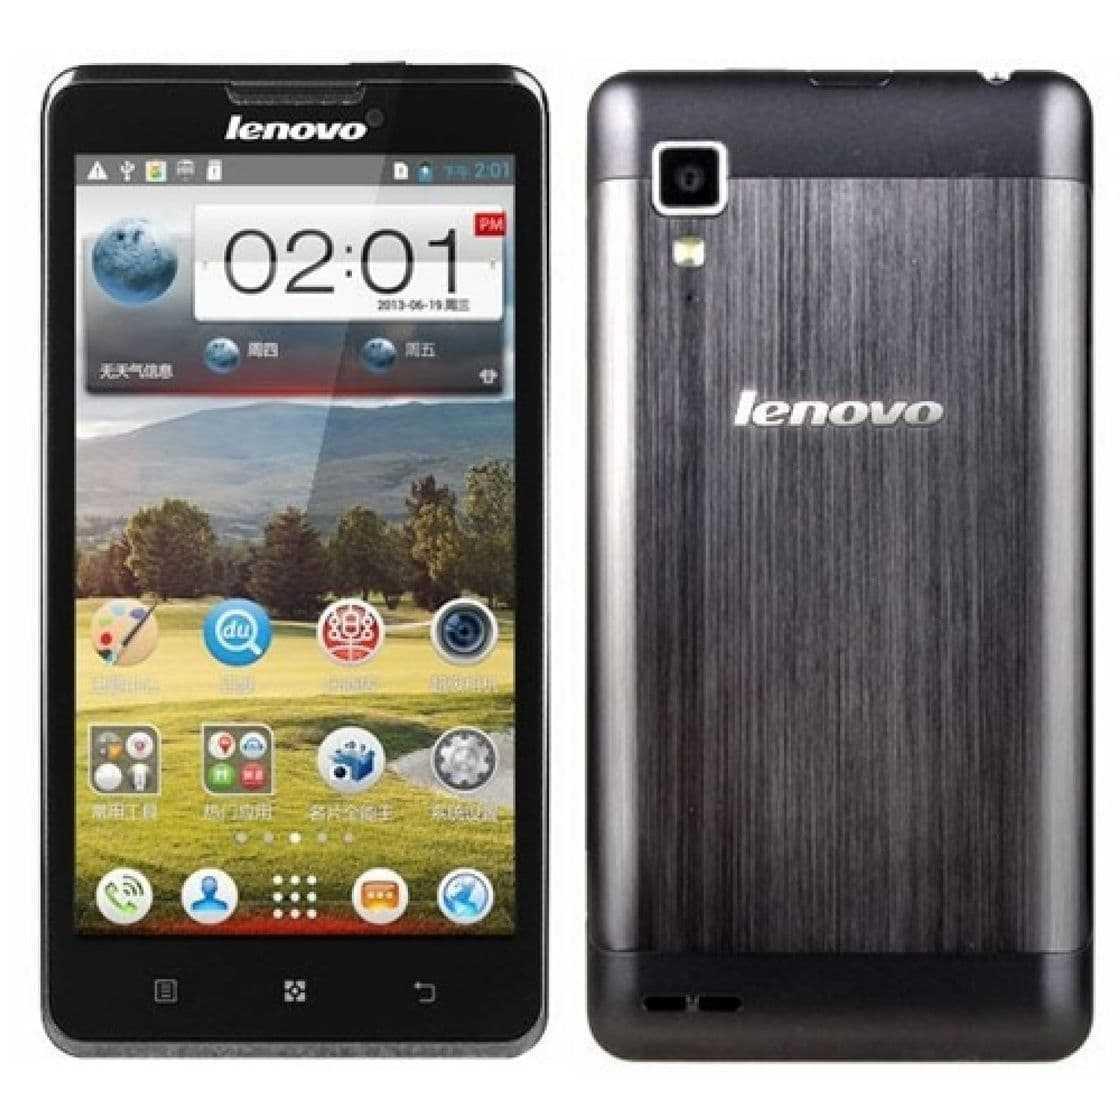 Lenovo p780 8gb (черный) - купить , скидки, цена, отзывы, обзор, характеристики - мобильные телефоны